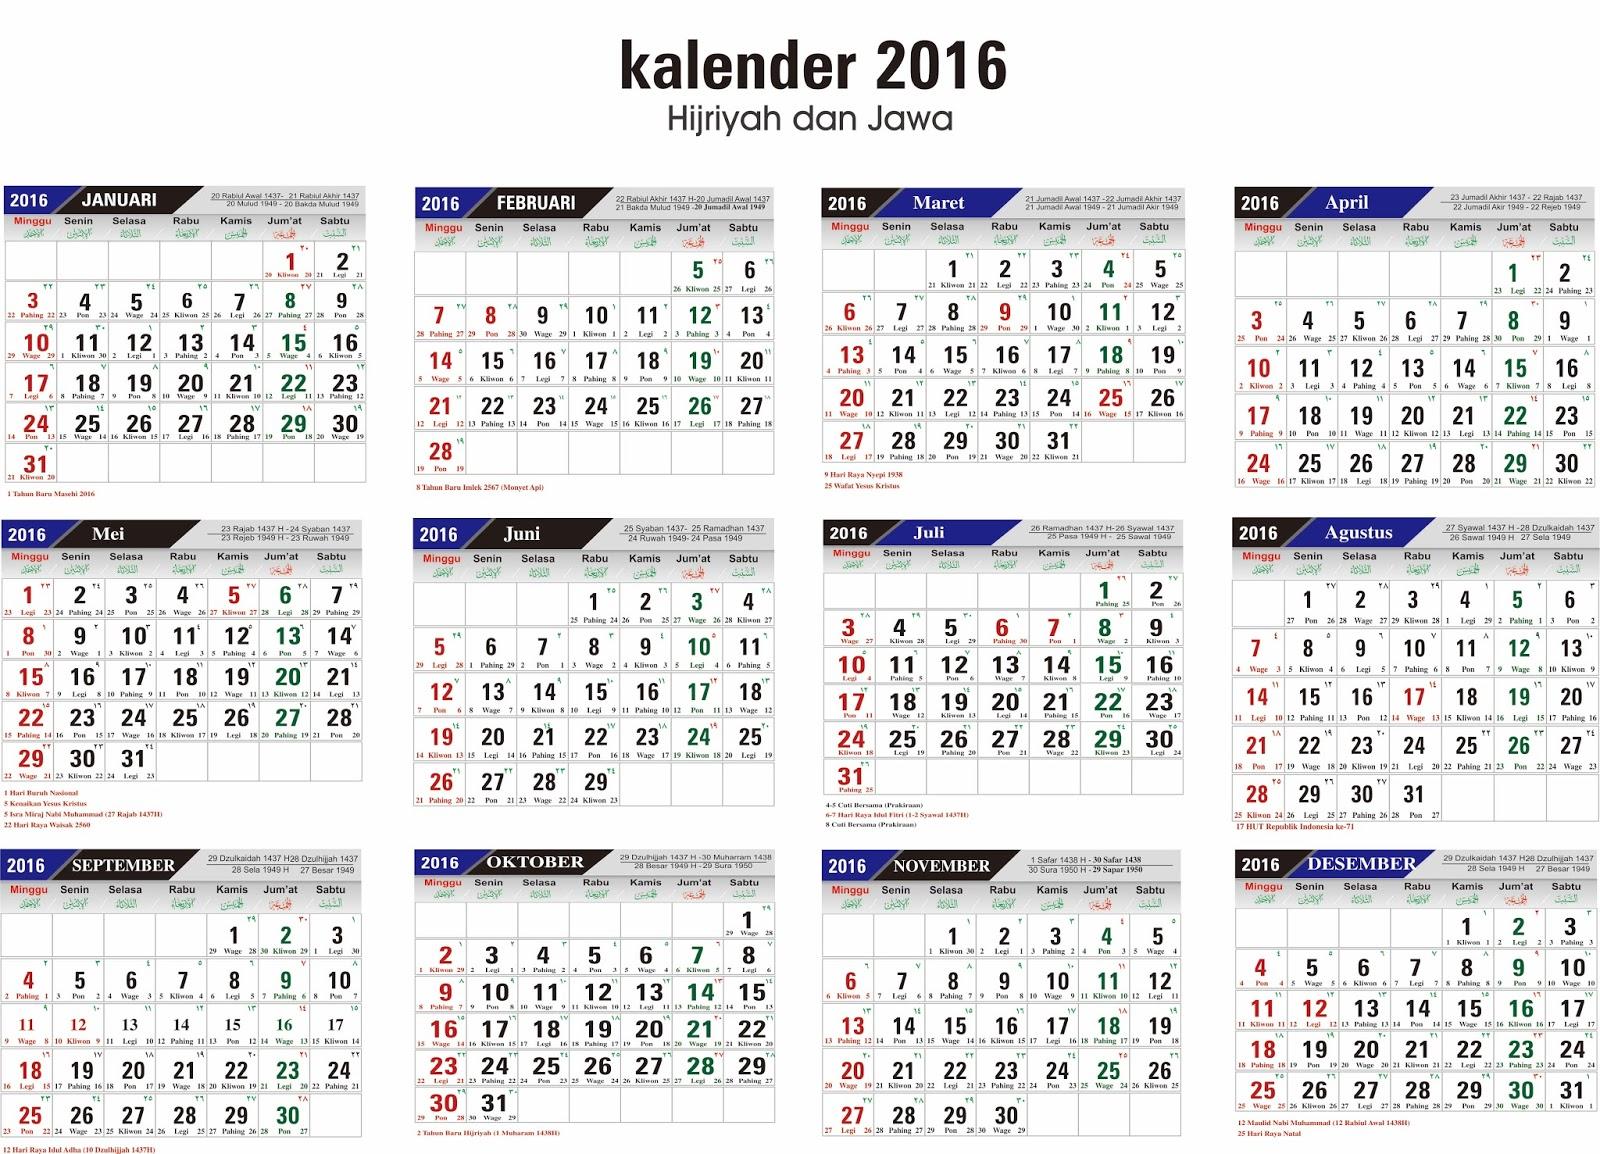 71 Tren Gaya Gambar Kalender Tahun 1977 Desain Kalender Kalender lengkap tahun 2020 beserta hari libur nasional juga cuti bersama berdasarkan keputusan bersama kementrian terkait ditampilkan dalam bulan belum ada tanggapan untuk kalender 2020 indonesia lengkap dengan kamariah, hijriah, pasaran jawa dan hari libur. tren gaya gambar kalender tahun 1977